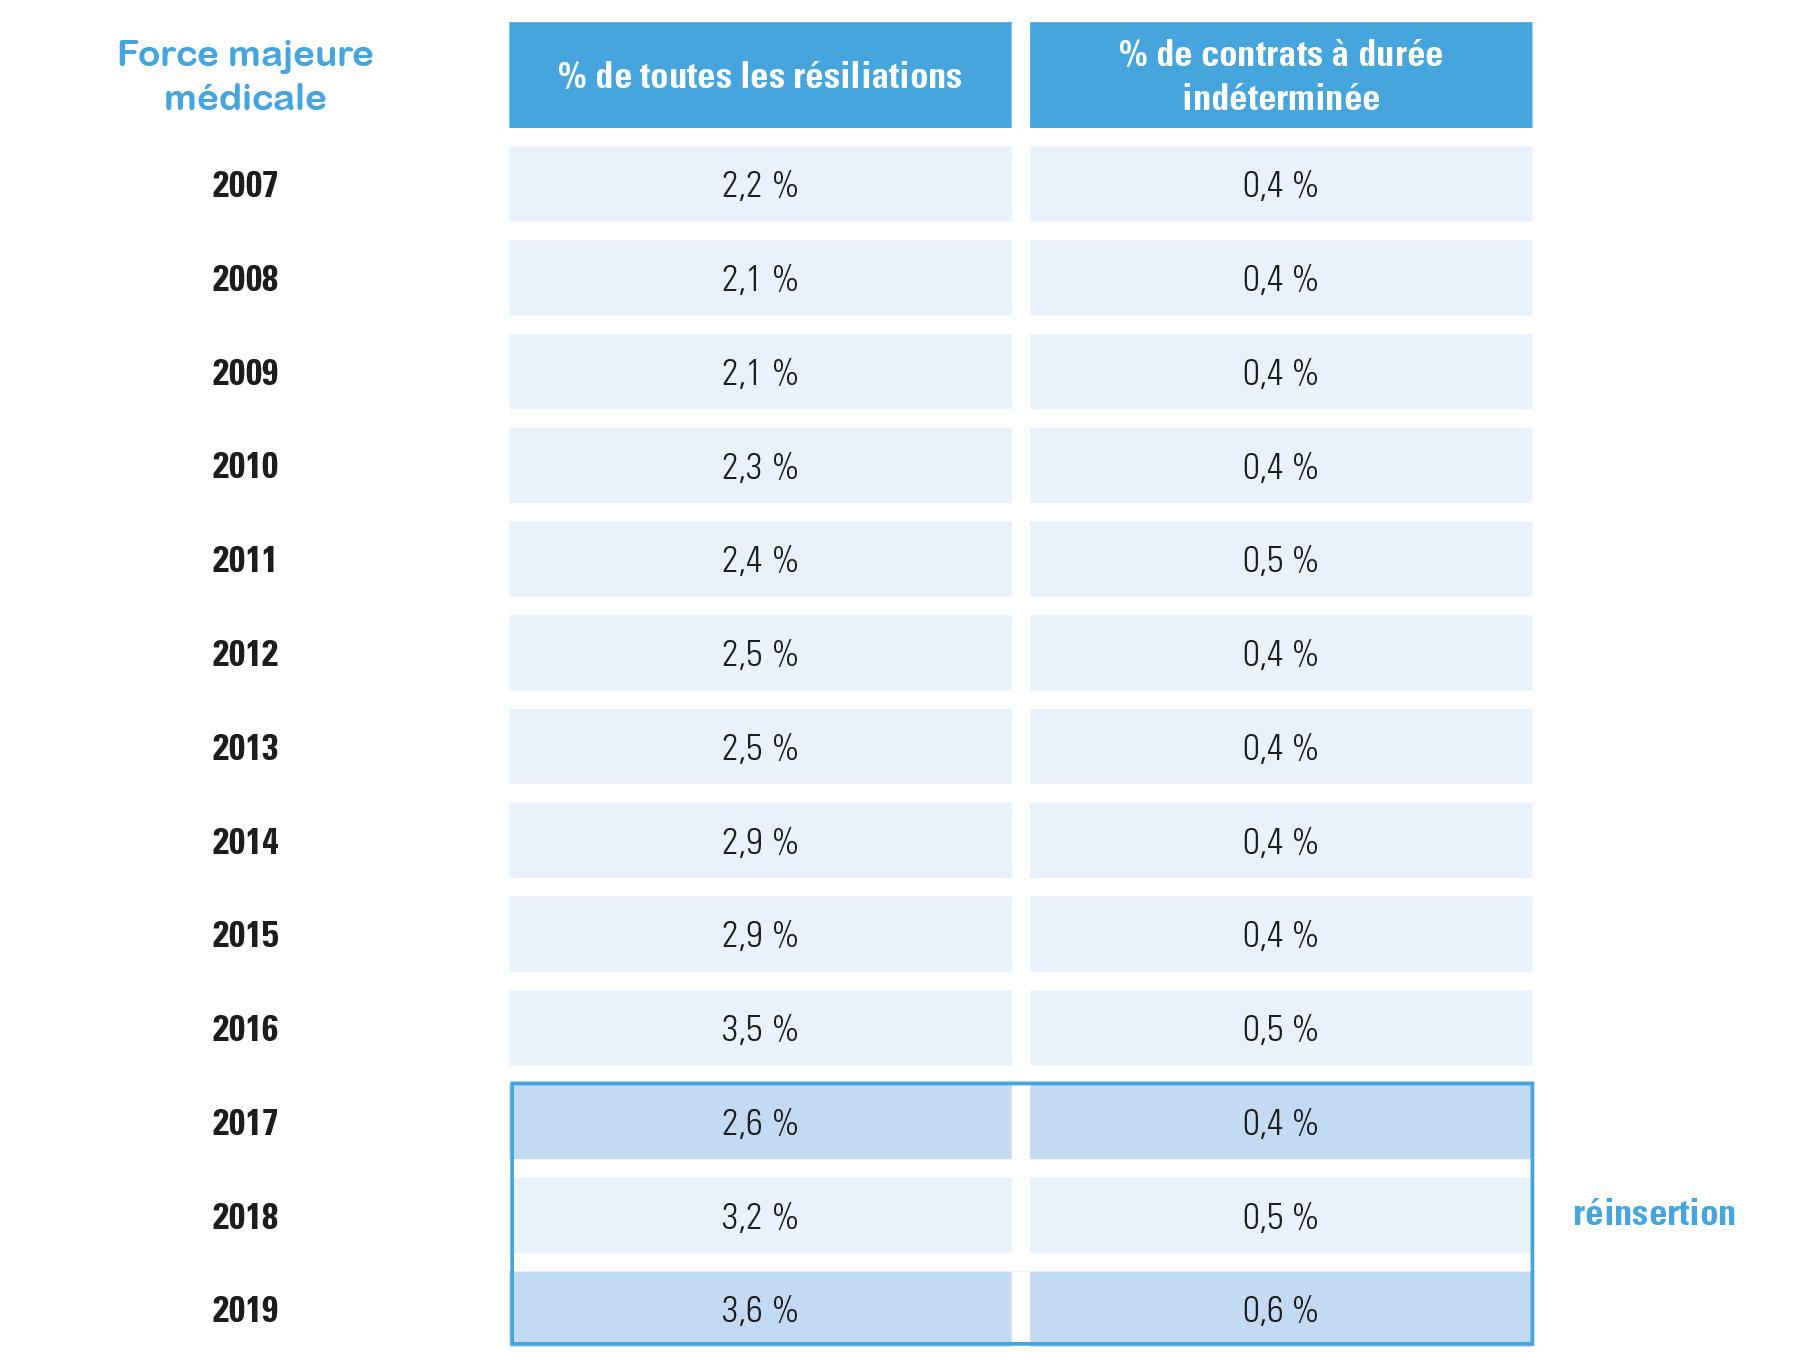 résiliation pour force majeure médicale, évolution 2007-2019